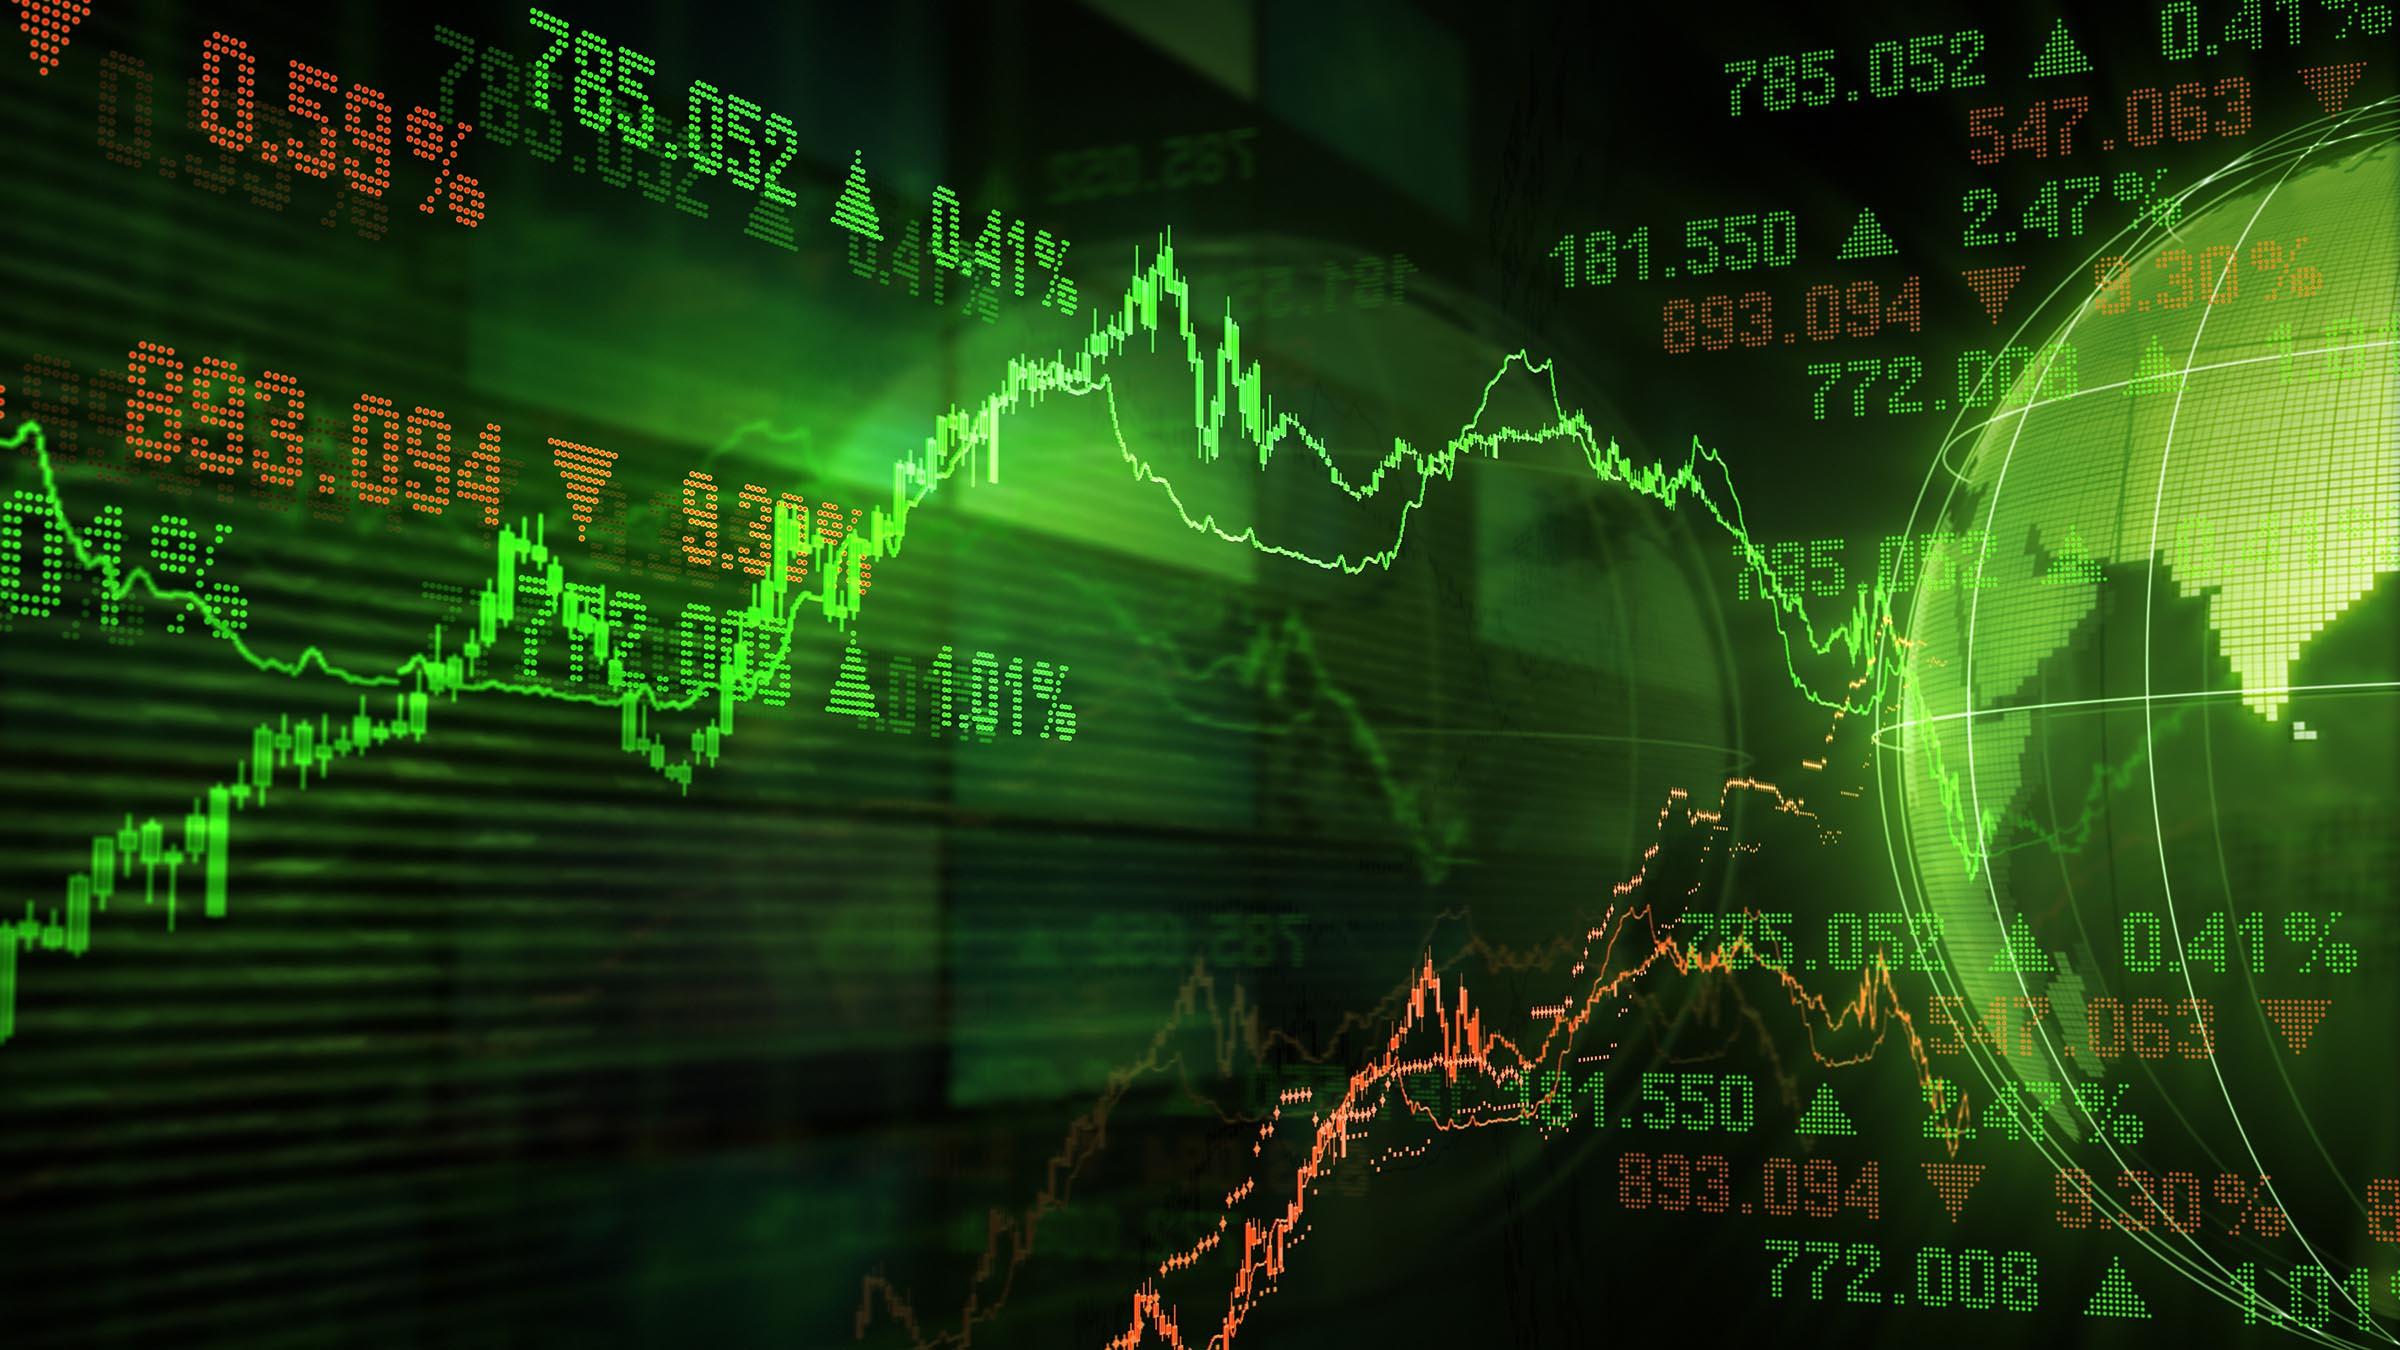 Цены на нефть растут, корректируясь после резкого падения на данных о росте запасов нефти в США - Изображение